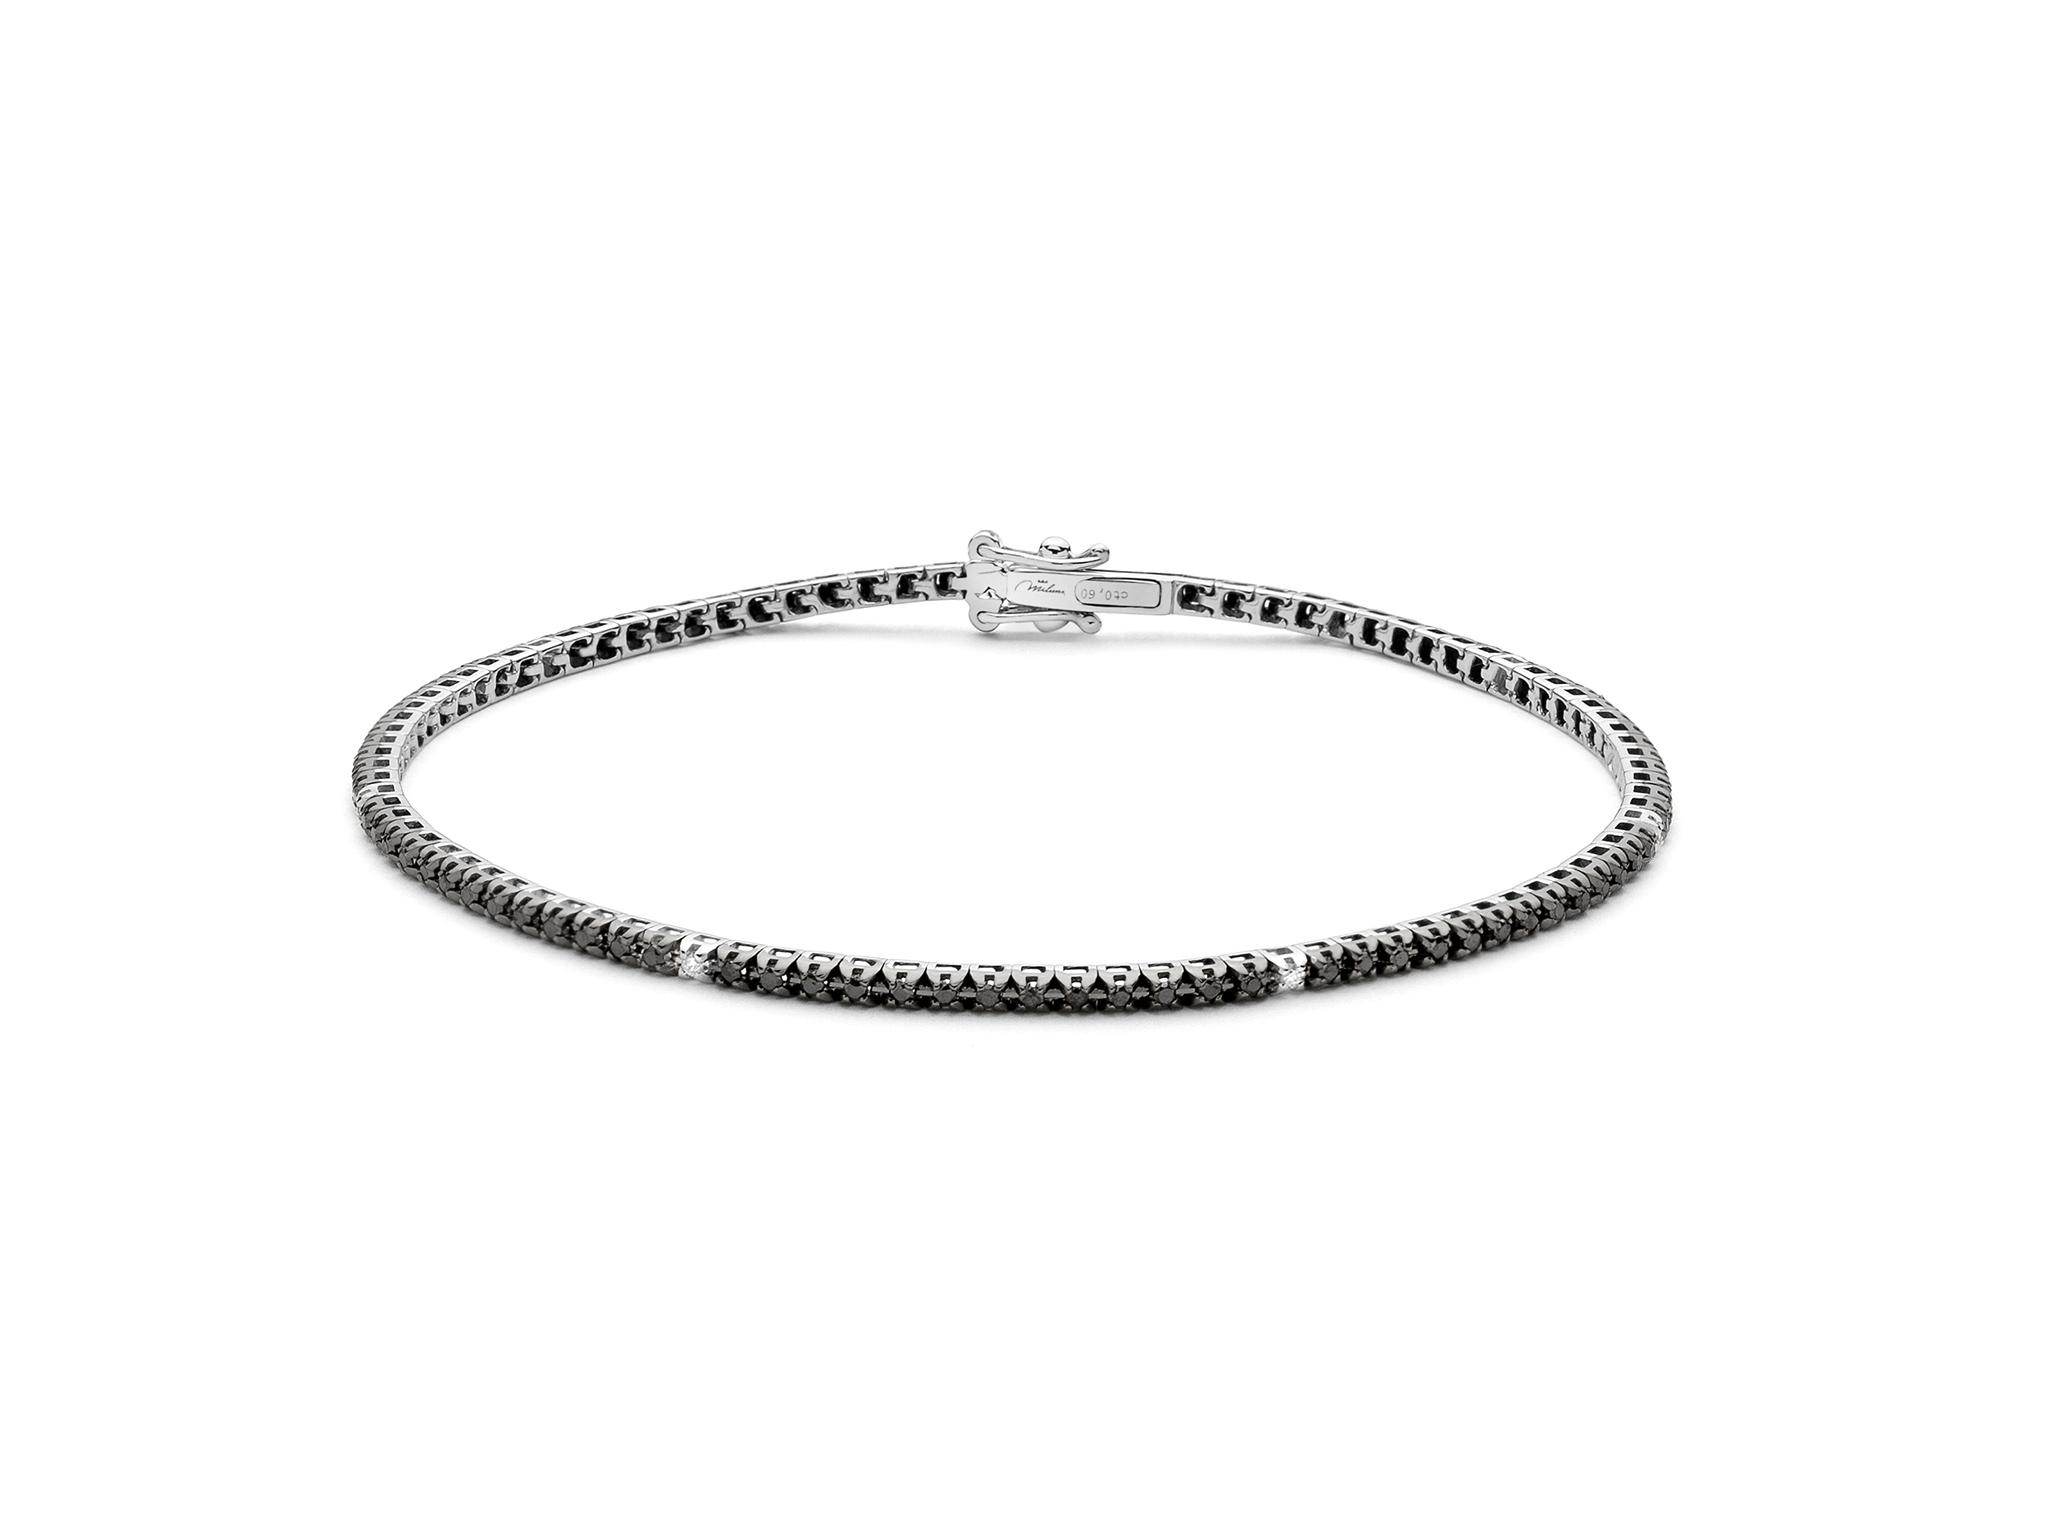 Bracciale Tennis diamanti bianchi e neri. - BRD863-042NB